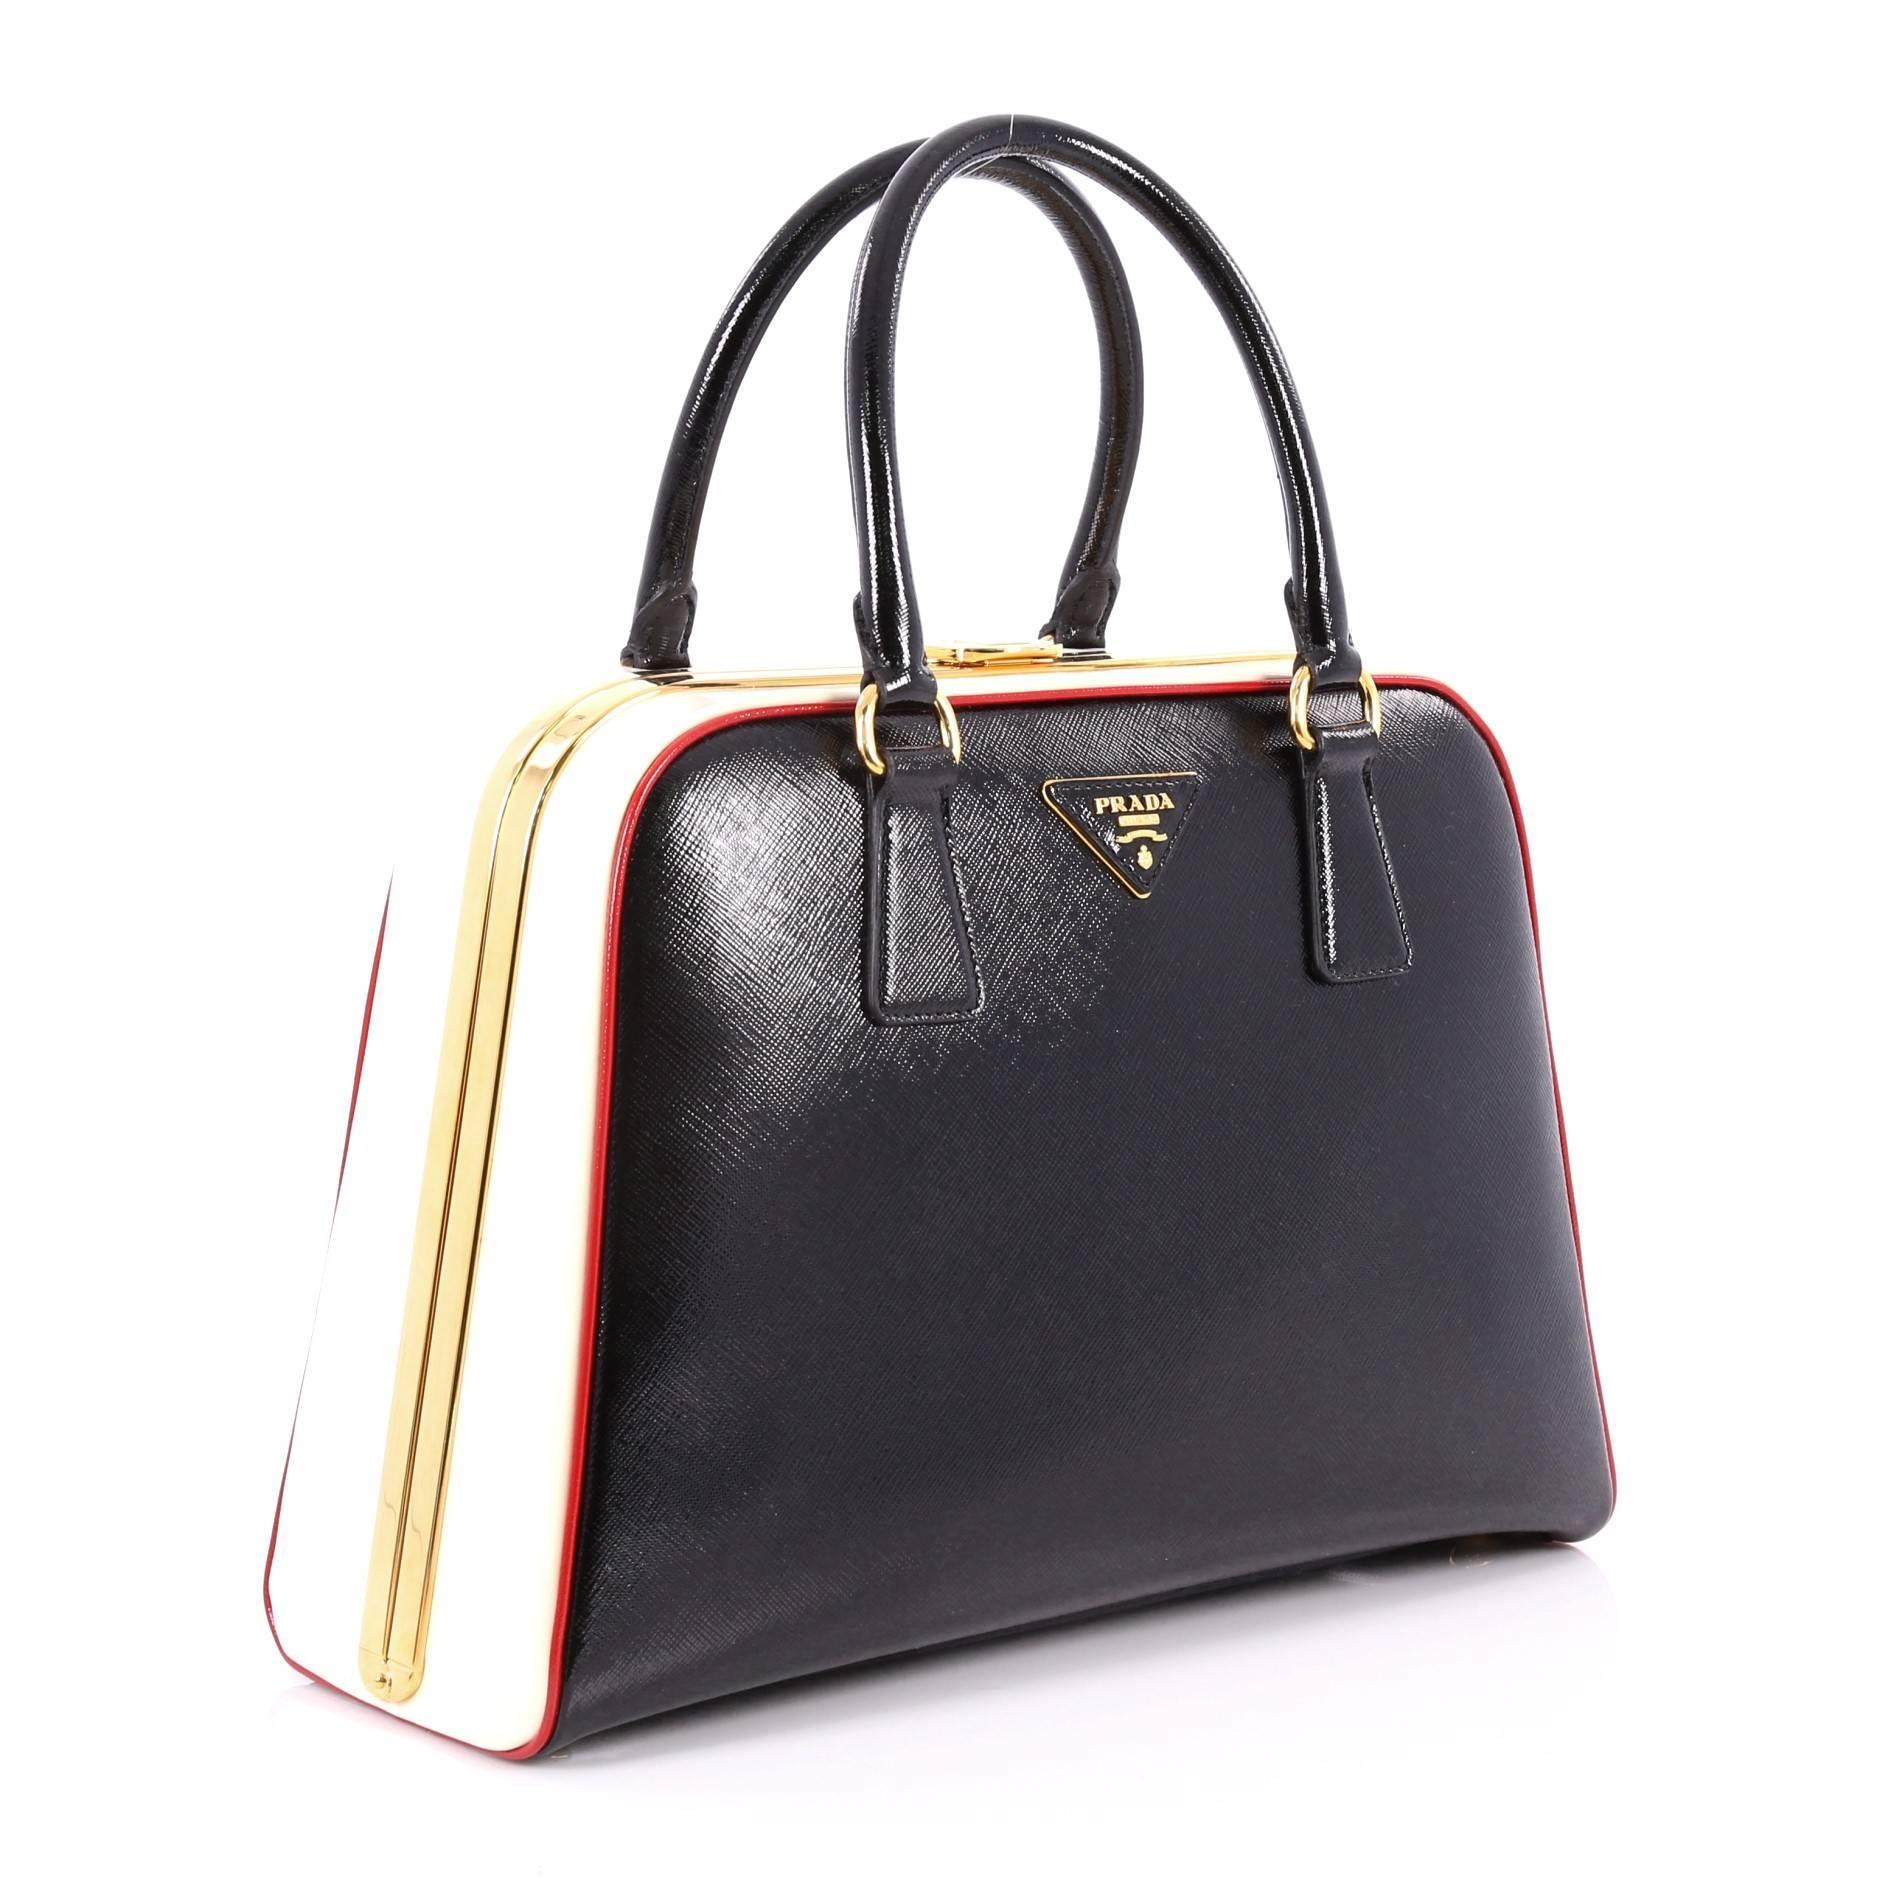 03860ffde52f ... cheap black prada pyramid top handle bag vernice saffiano leather medium  for sale 577a1 8e2ac